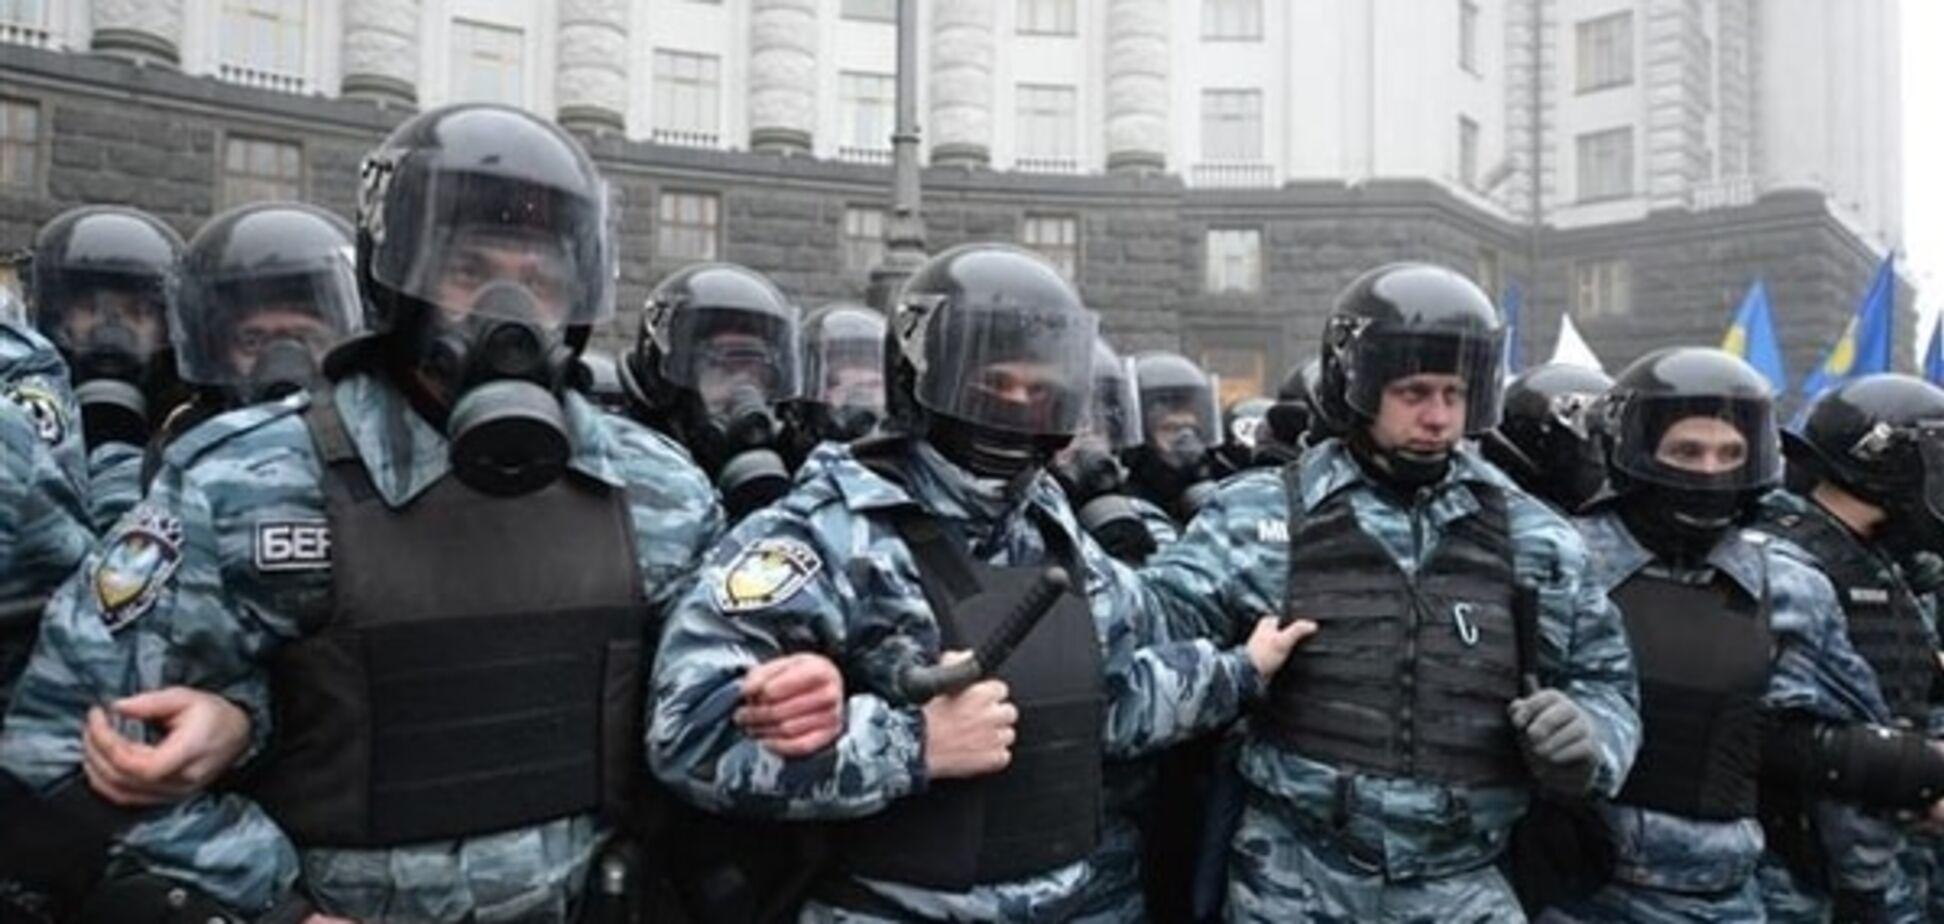 Всі 'беркутівці' уникають свідчень у справі про розстріл Майдану - ГПУ